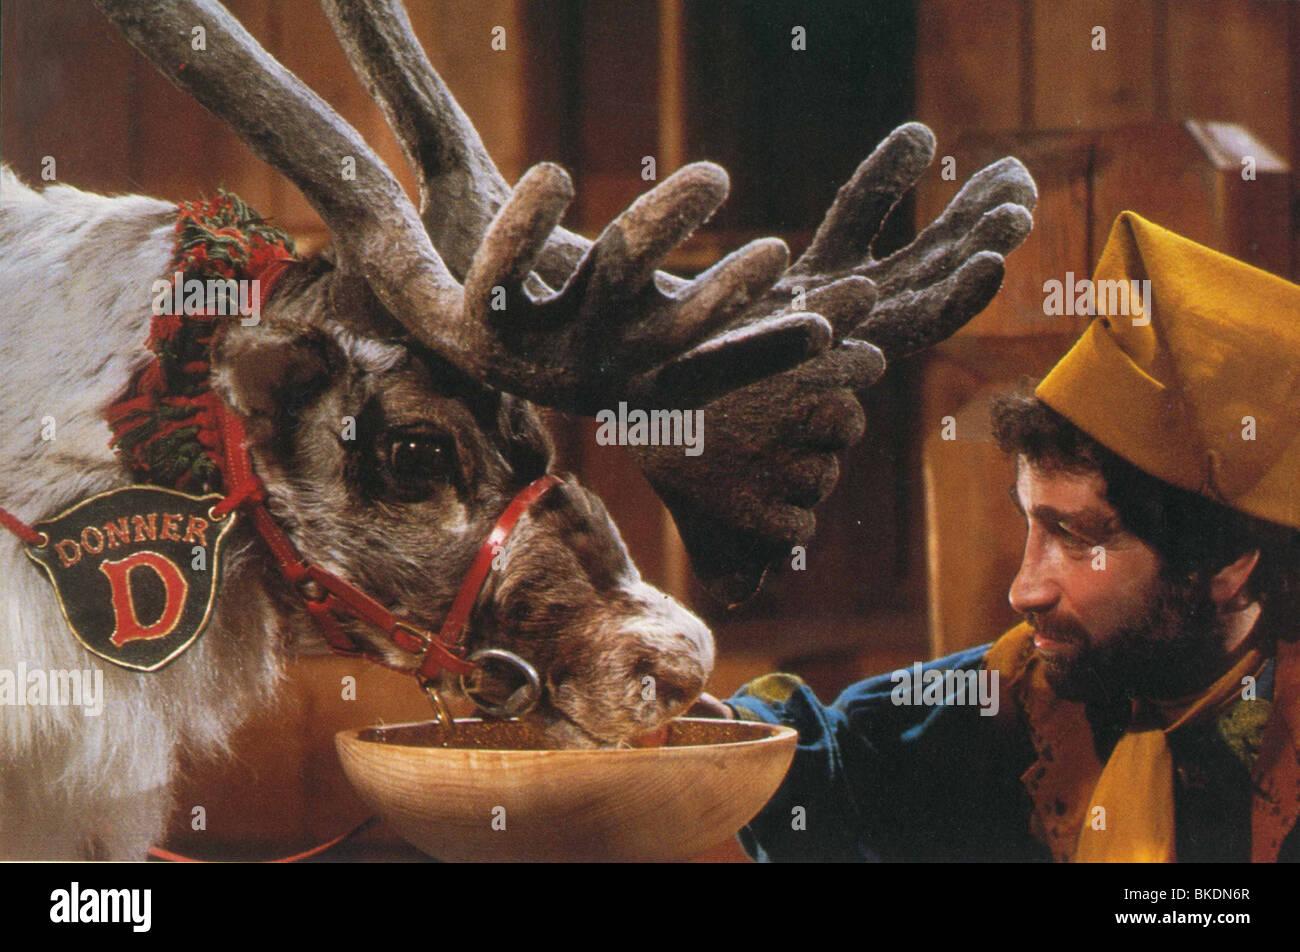 SANTA CLAUS: THE MOVIE -1985 - Stock Image